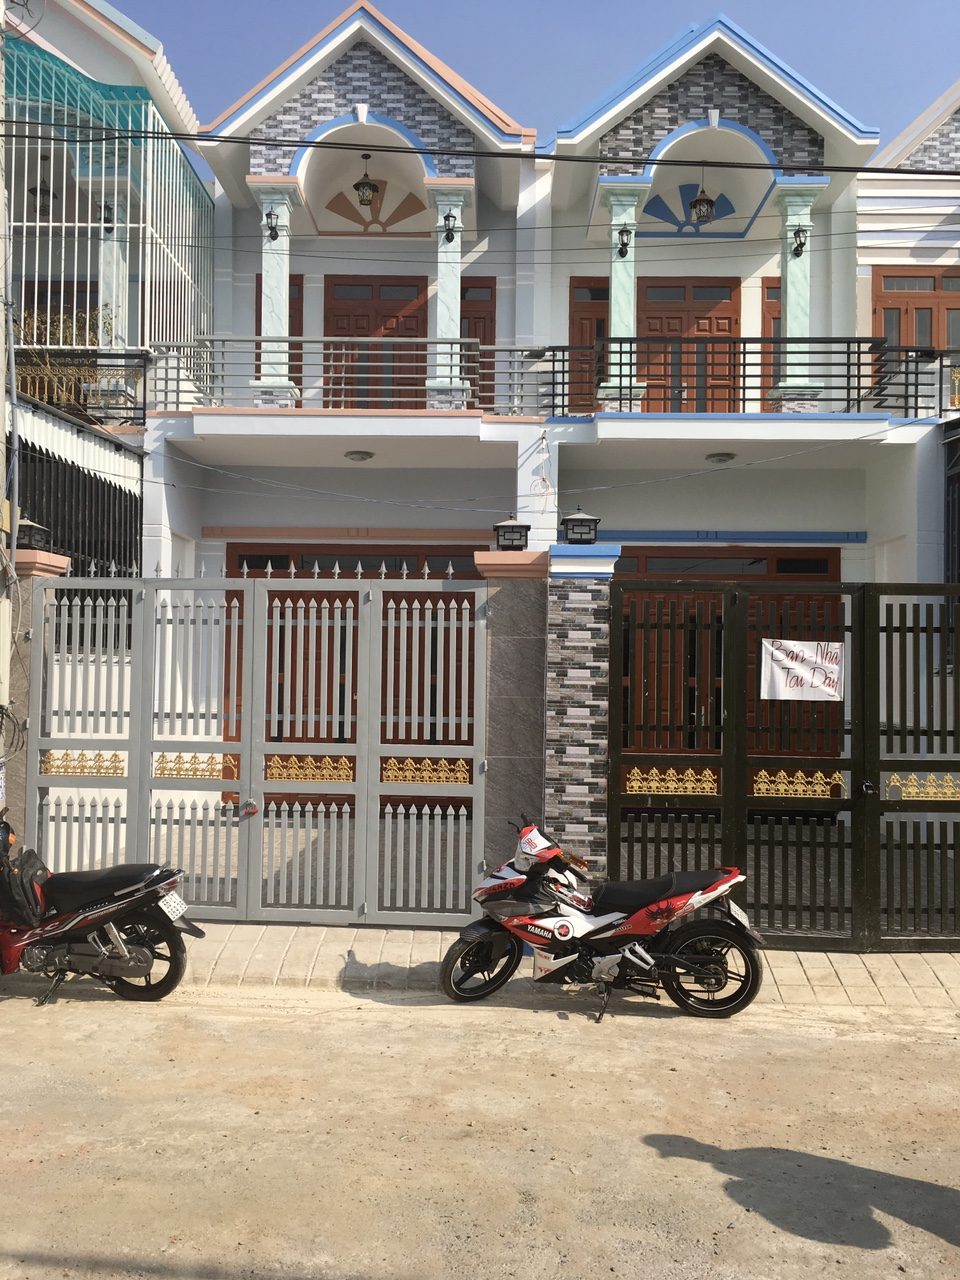 Bán nhà 1lầu 1trệt,giá rẻ, đường ĐT743,gần ngã tư bình thung,phường tân đông hiệp,dĩ an,bình dương